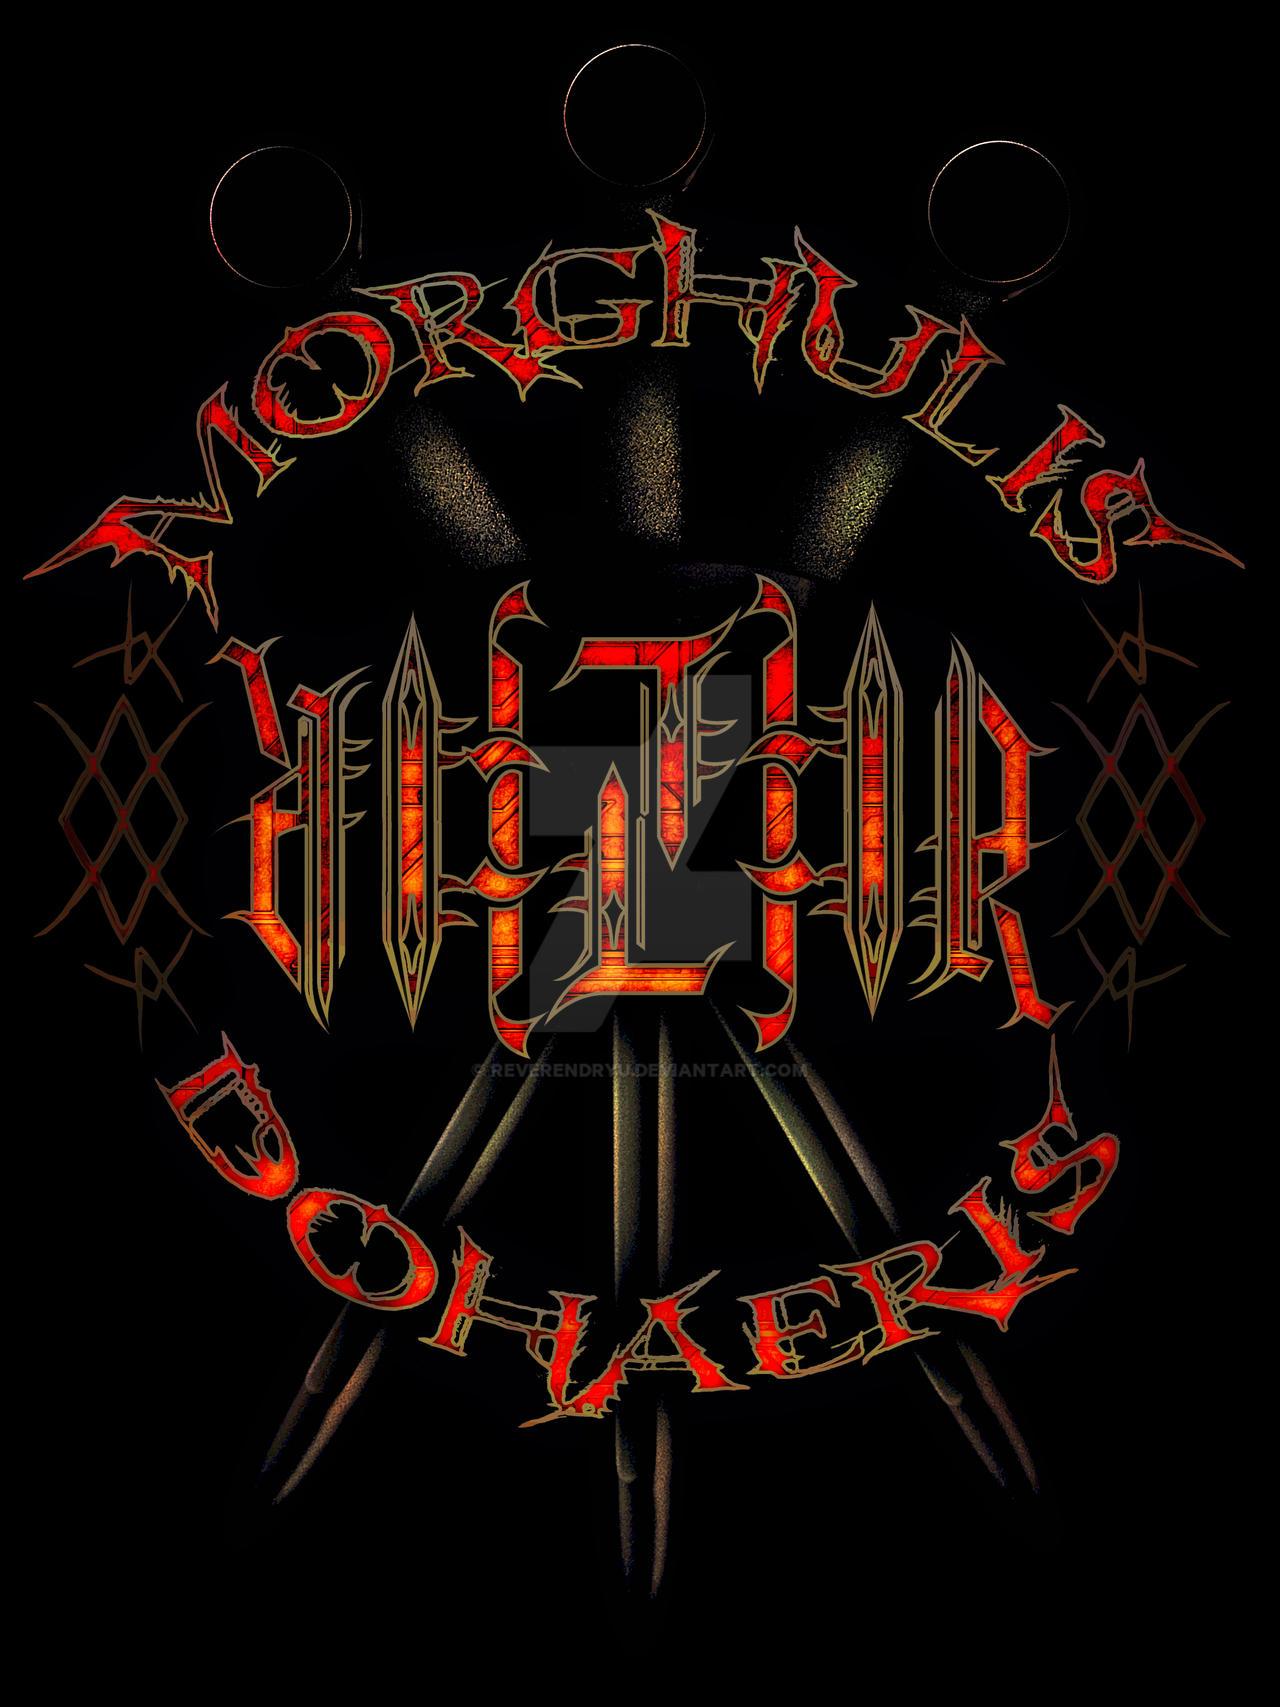 Valar Morghulis  Wikipedia